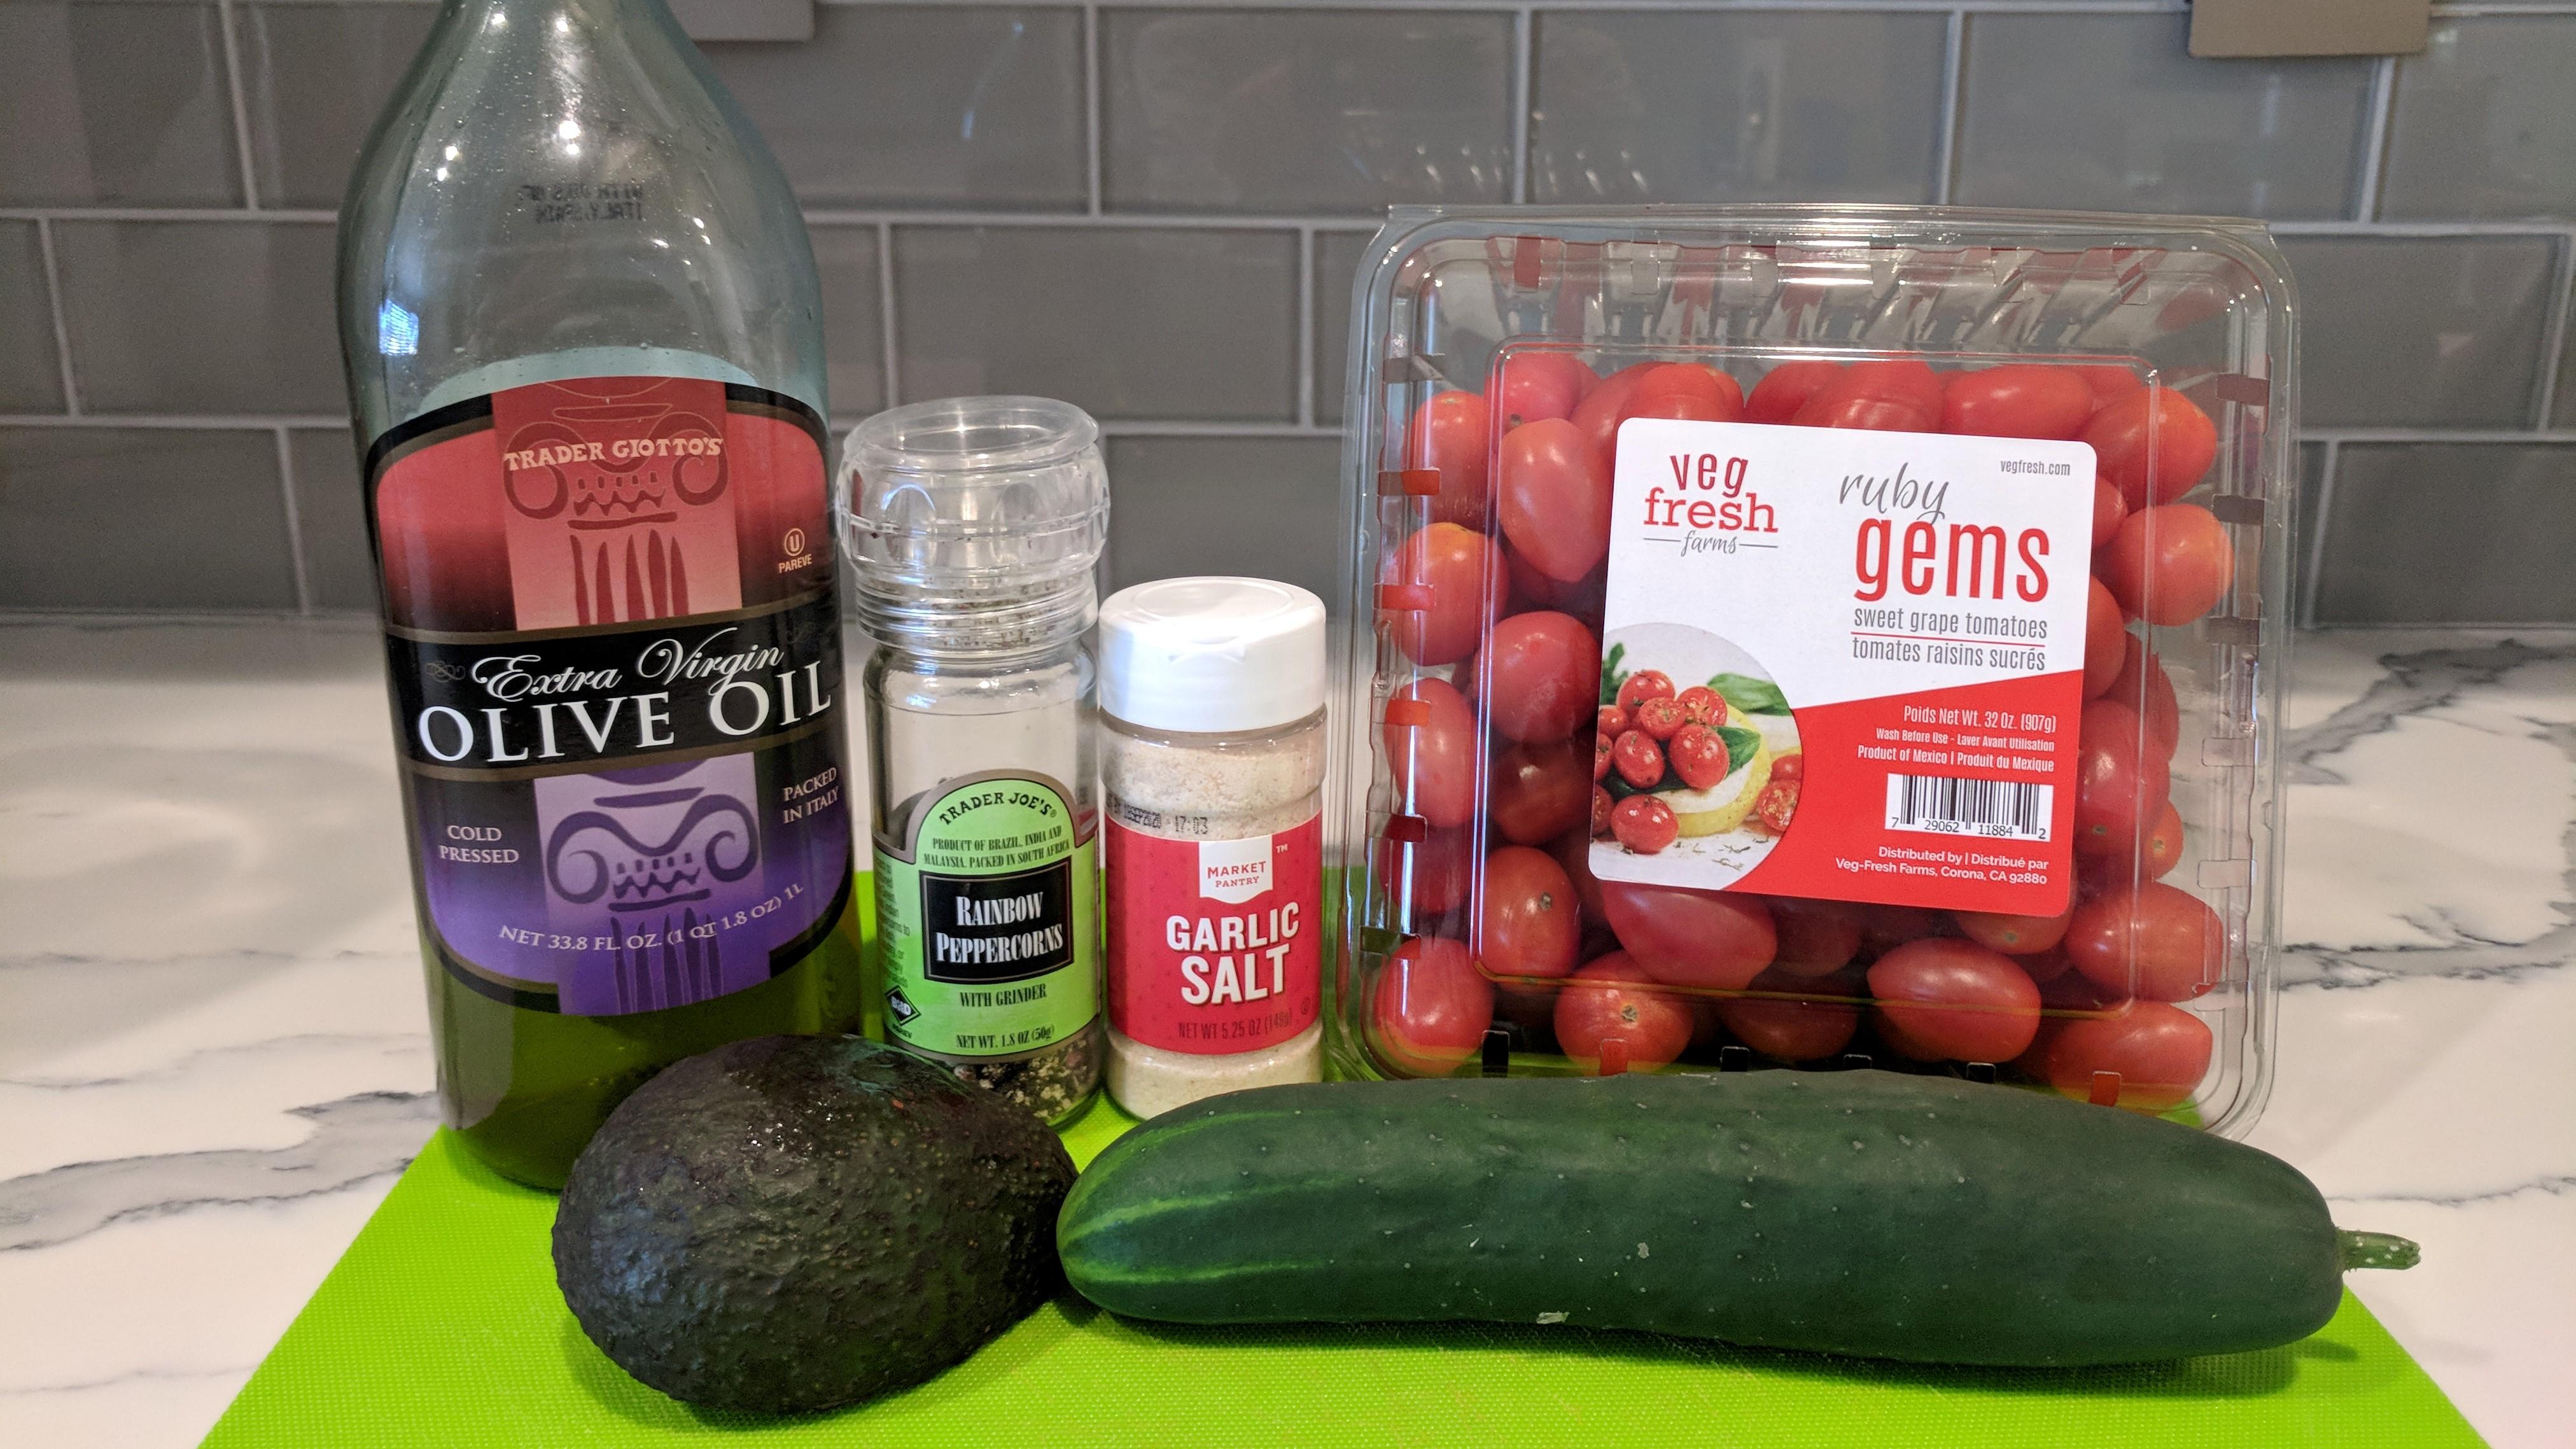 tomato-cucumber-avocado-ingredients